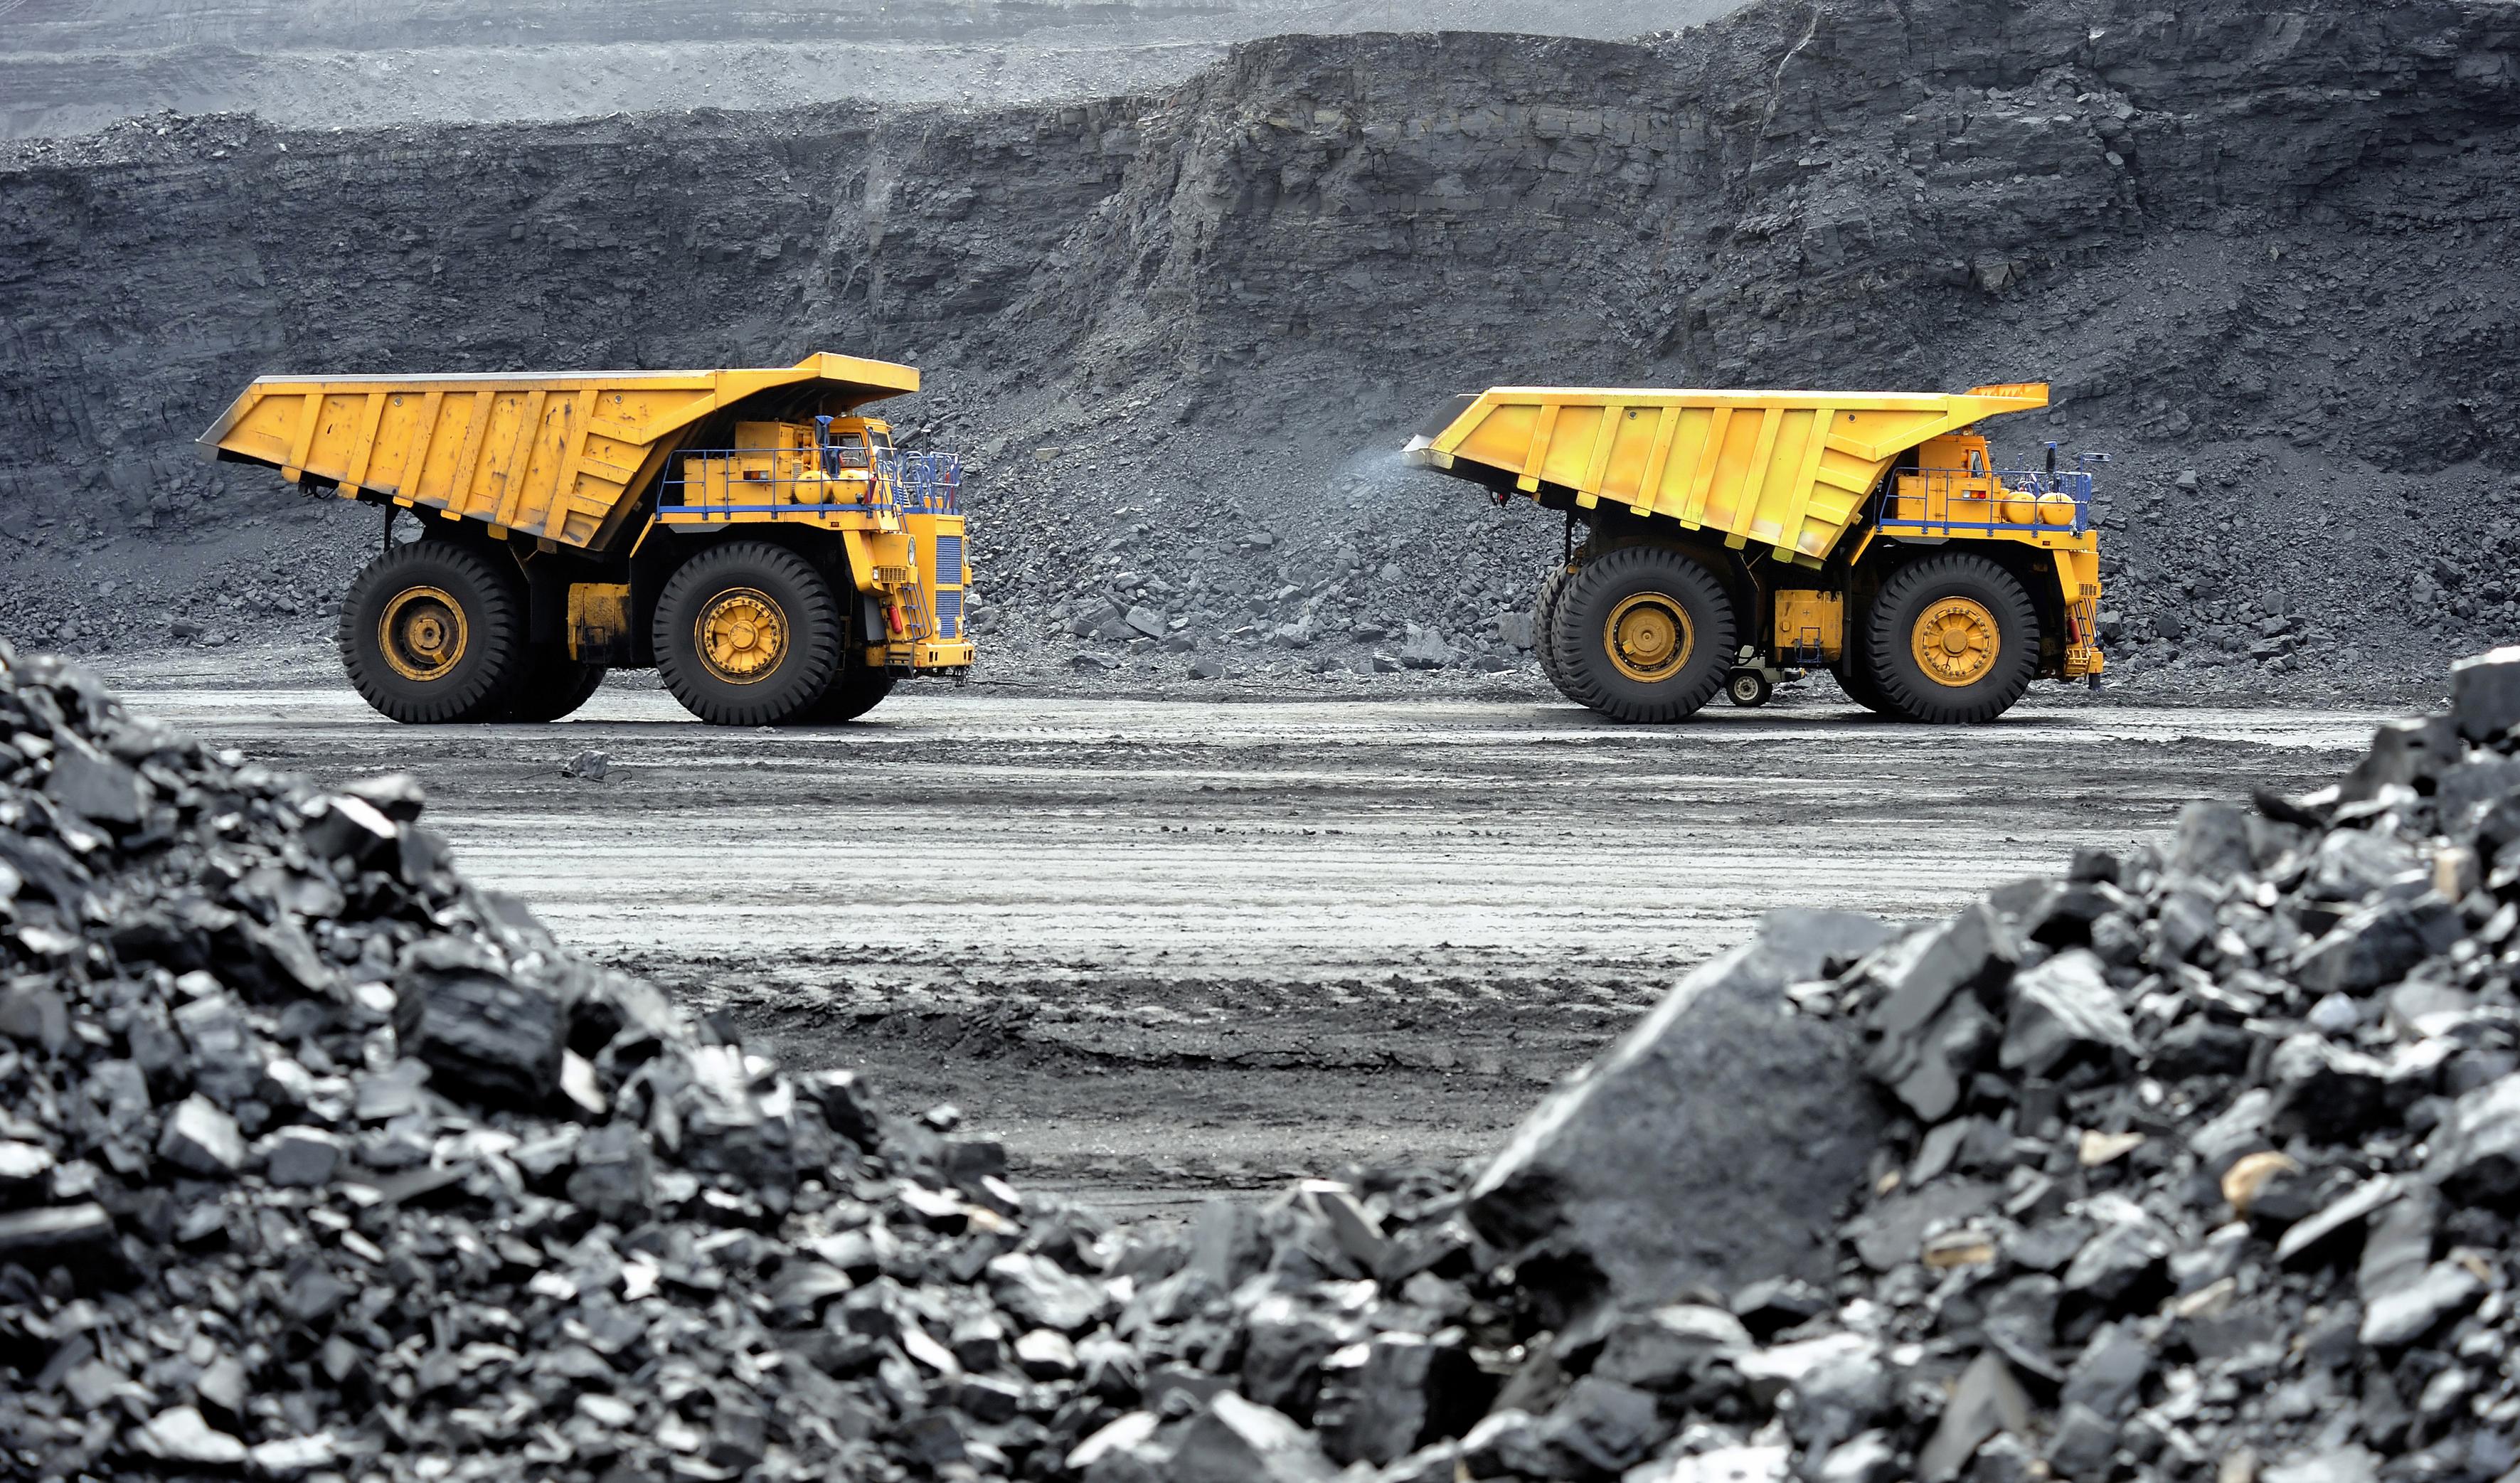 ۳.۶ میلیارد دلار طرح معدنی تا پایان امسال اجرا میشود